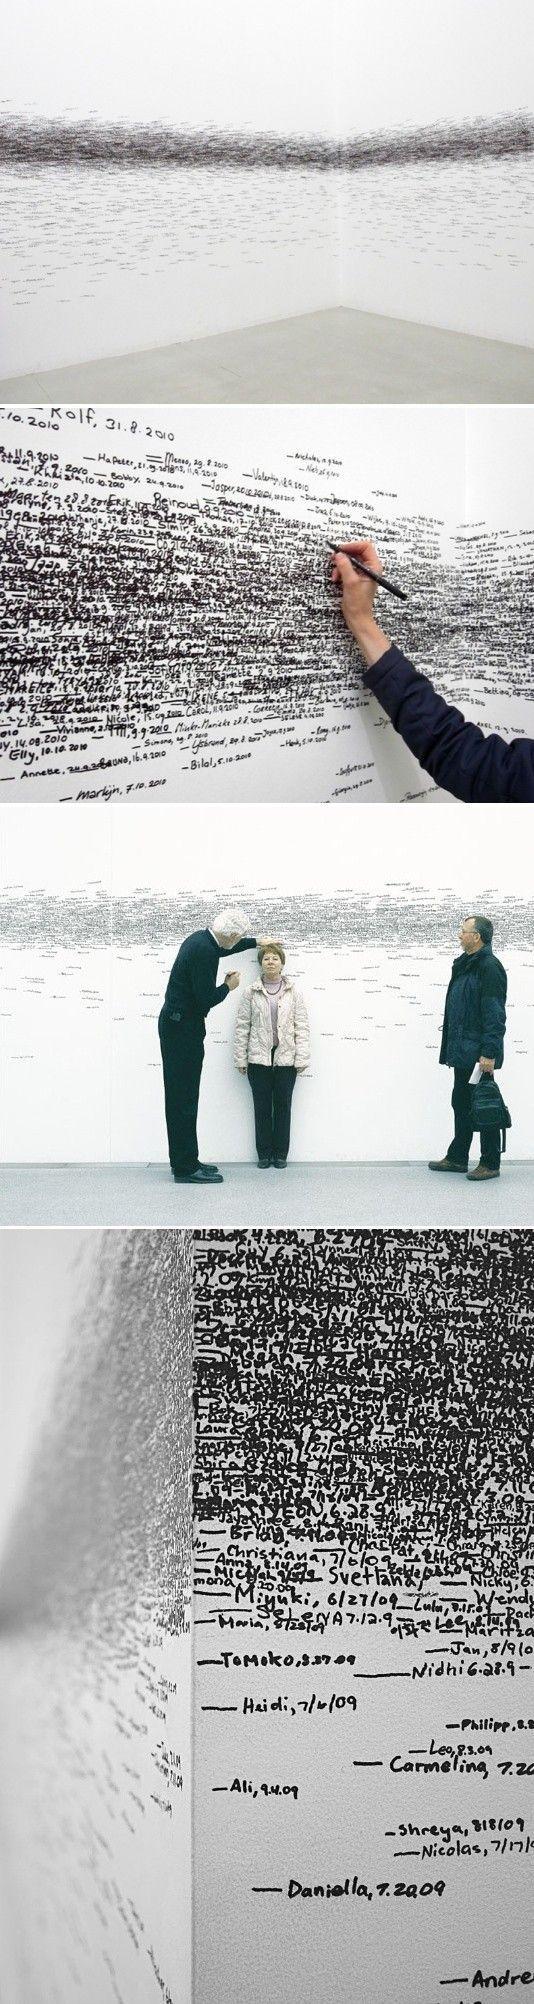 """ONDAK Roman - Measuring the Universe - 2011 Par cette œuvre, Roman Ondak invite chaque visiteur à participer à son travail de mesure de l'univers, en rajoutant sa """"mesure"""" à celles des autres. Les informations (taille, prénom, date) sont inscrites à même le mur de la galerie selon un protocole établie par l'artiste."""